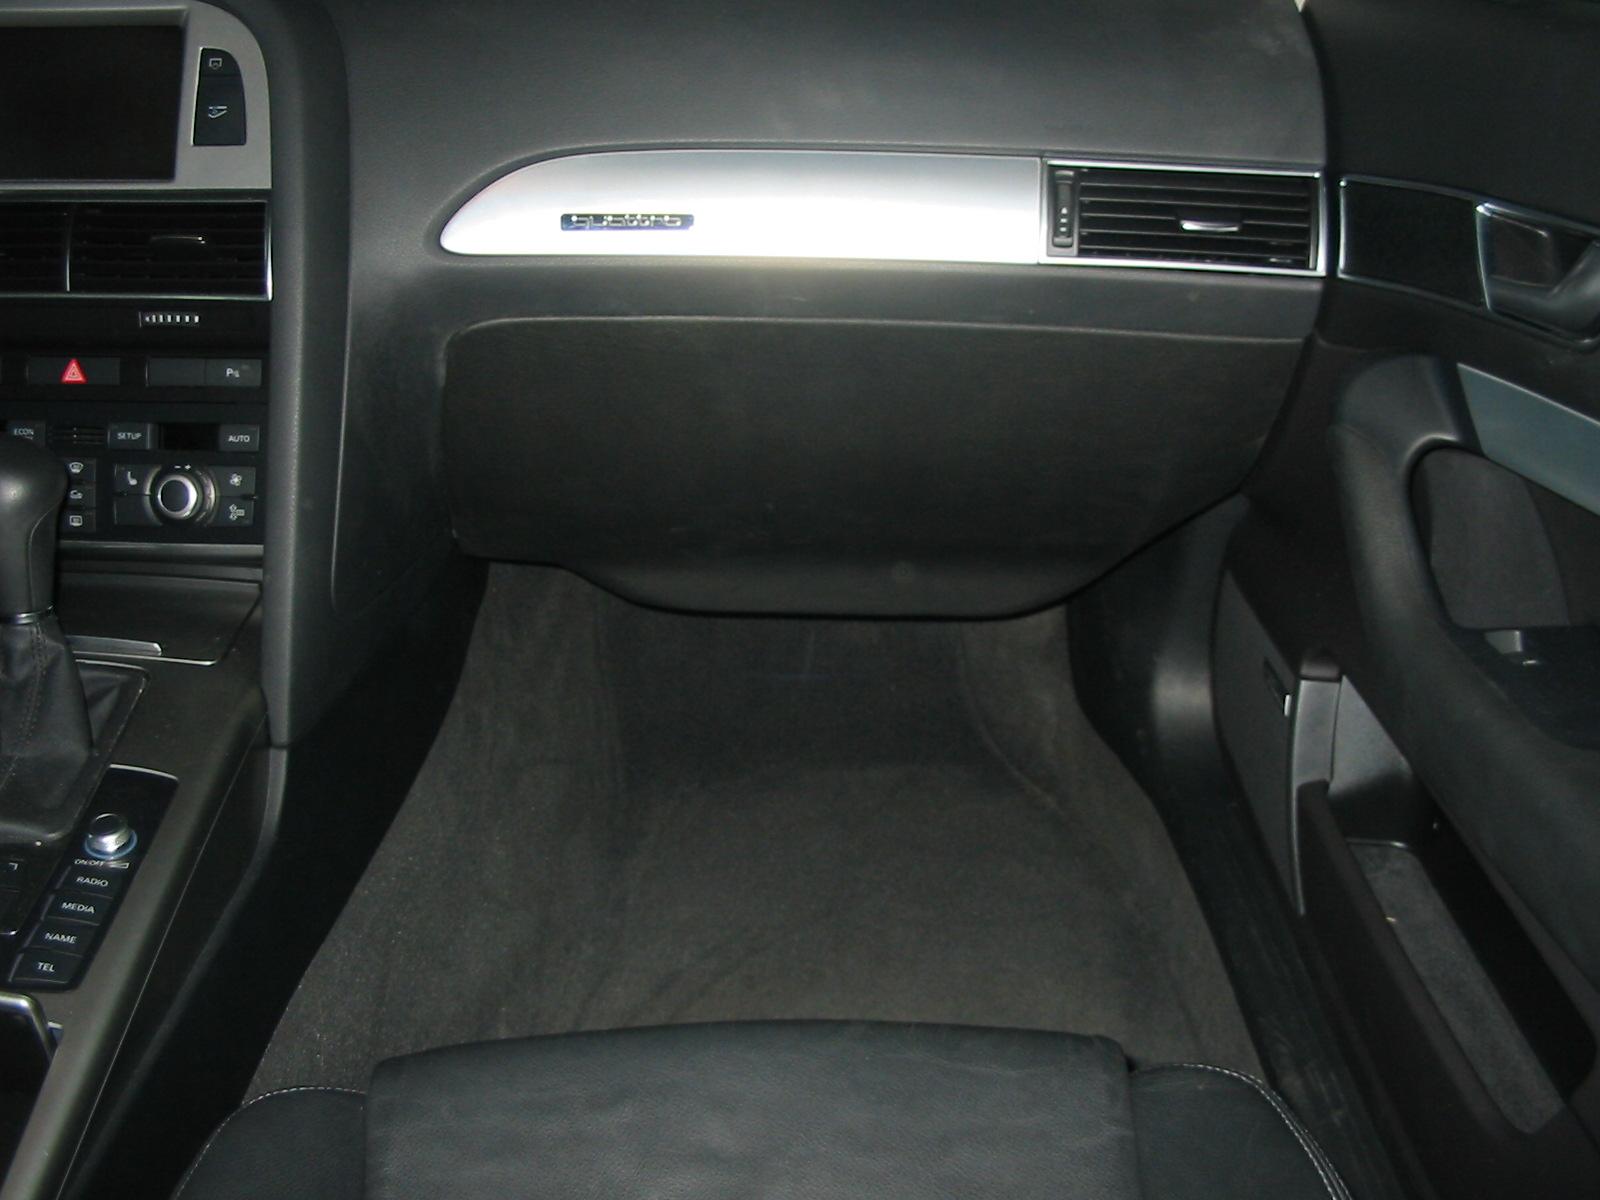 Audi A6 - 25er statt Handschuhfach